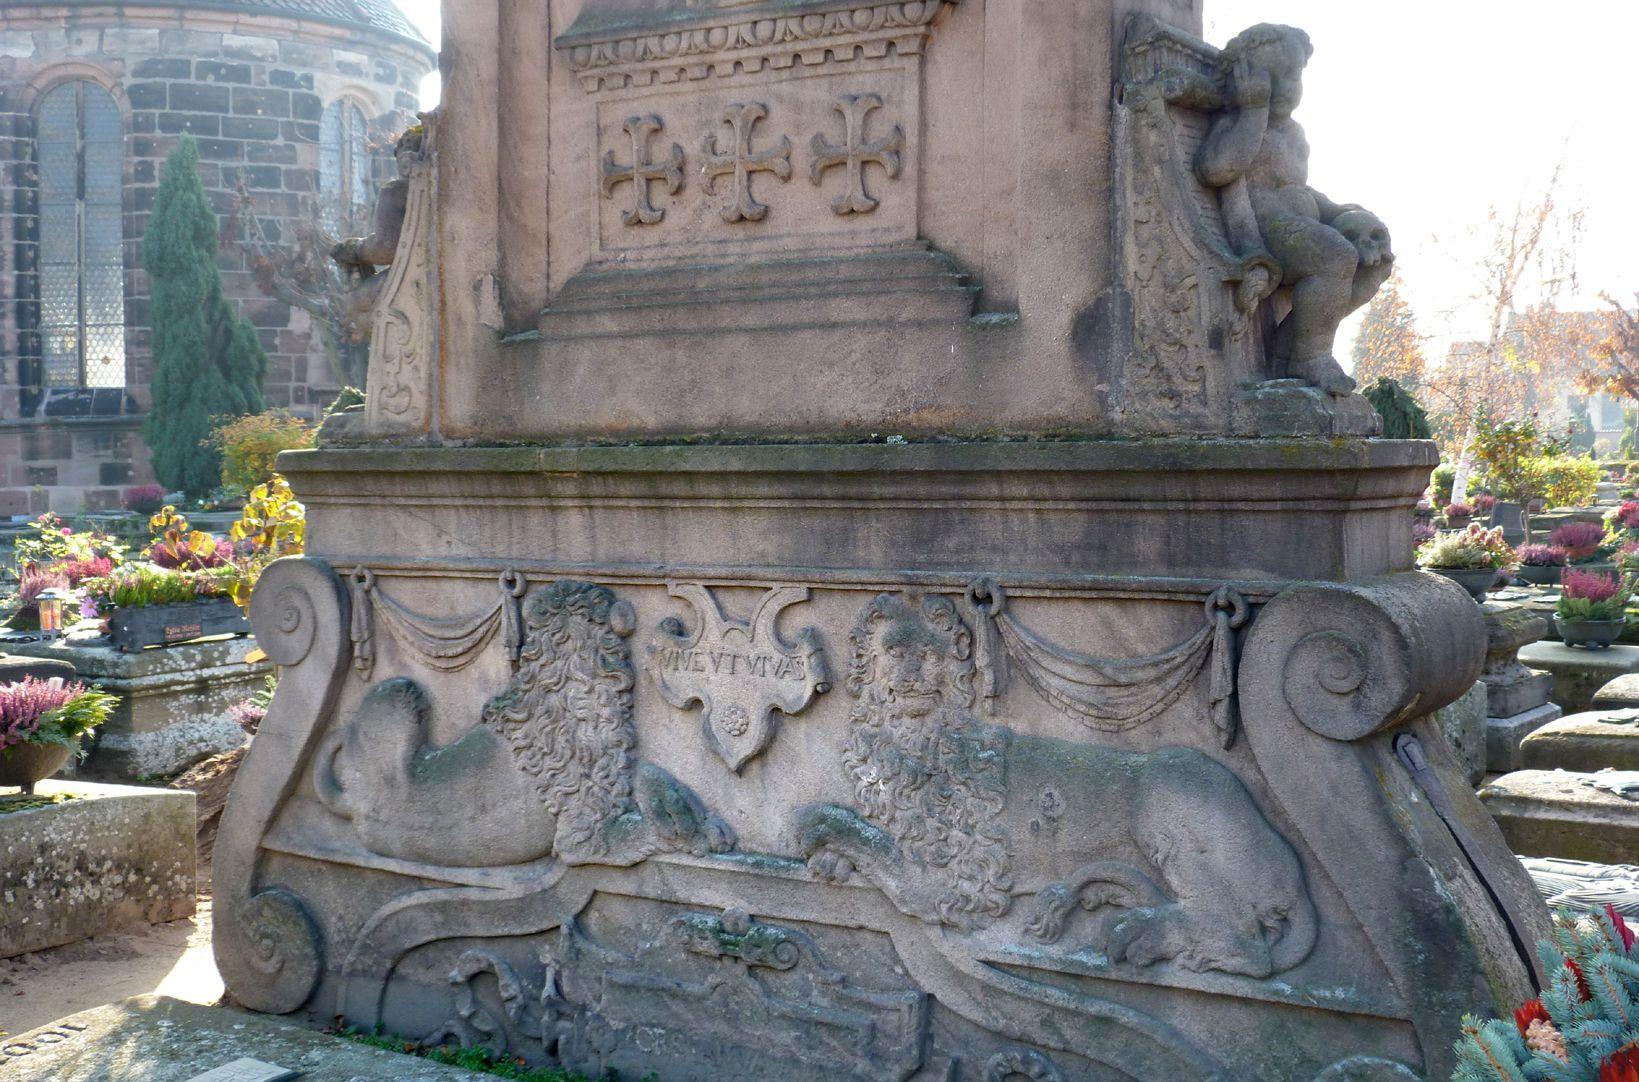 Gedächtnisstein des Wolfgang Münzer Basis, Rückansicht mit Löwen